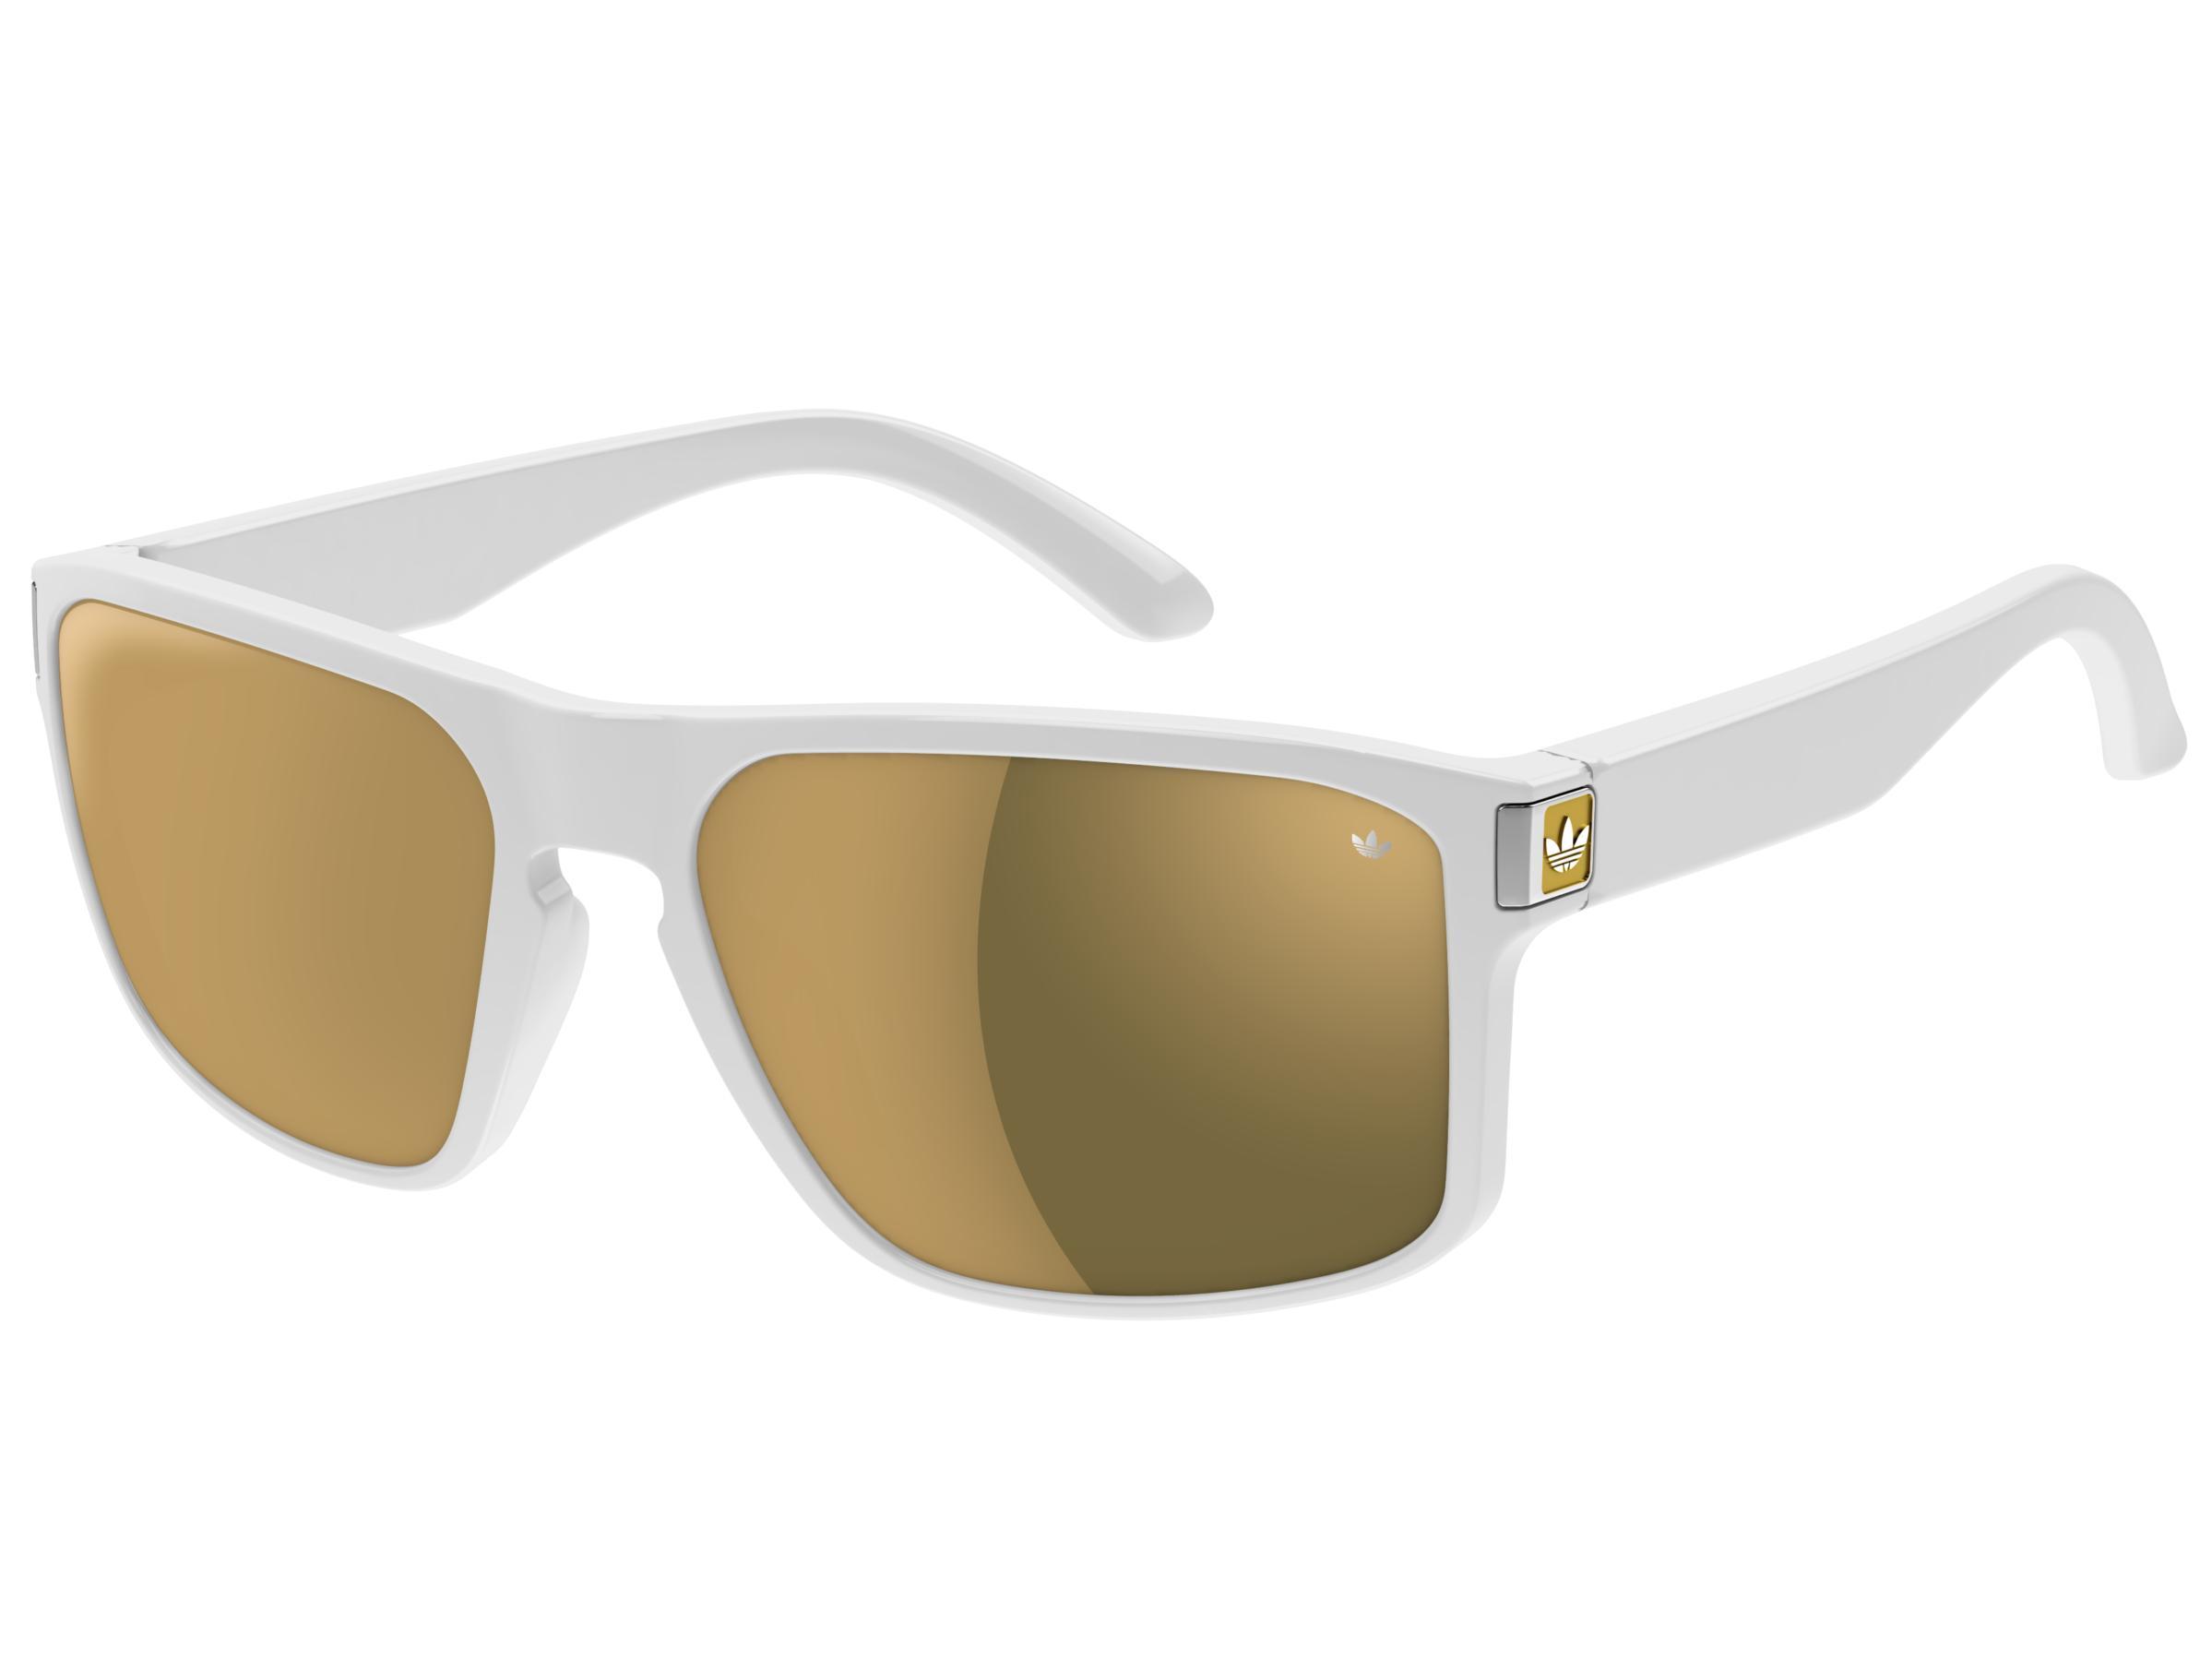 adidas Originals Sonnenbrillen SALE | wolf meister optik